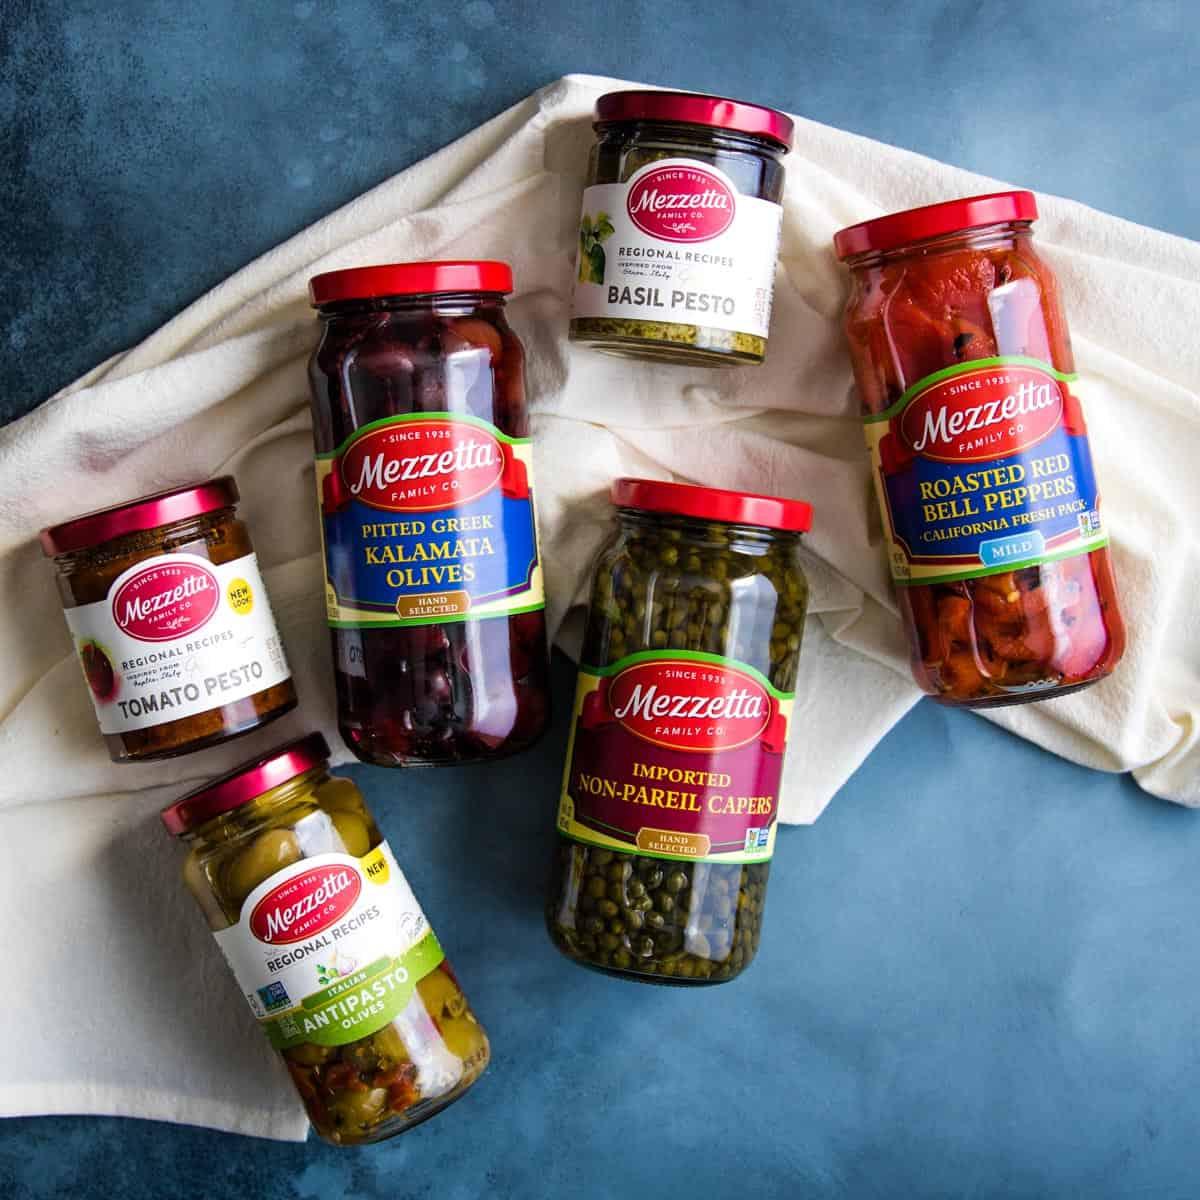 jars of Mezzetta ingredients